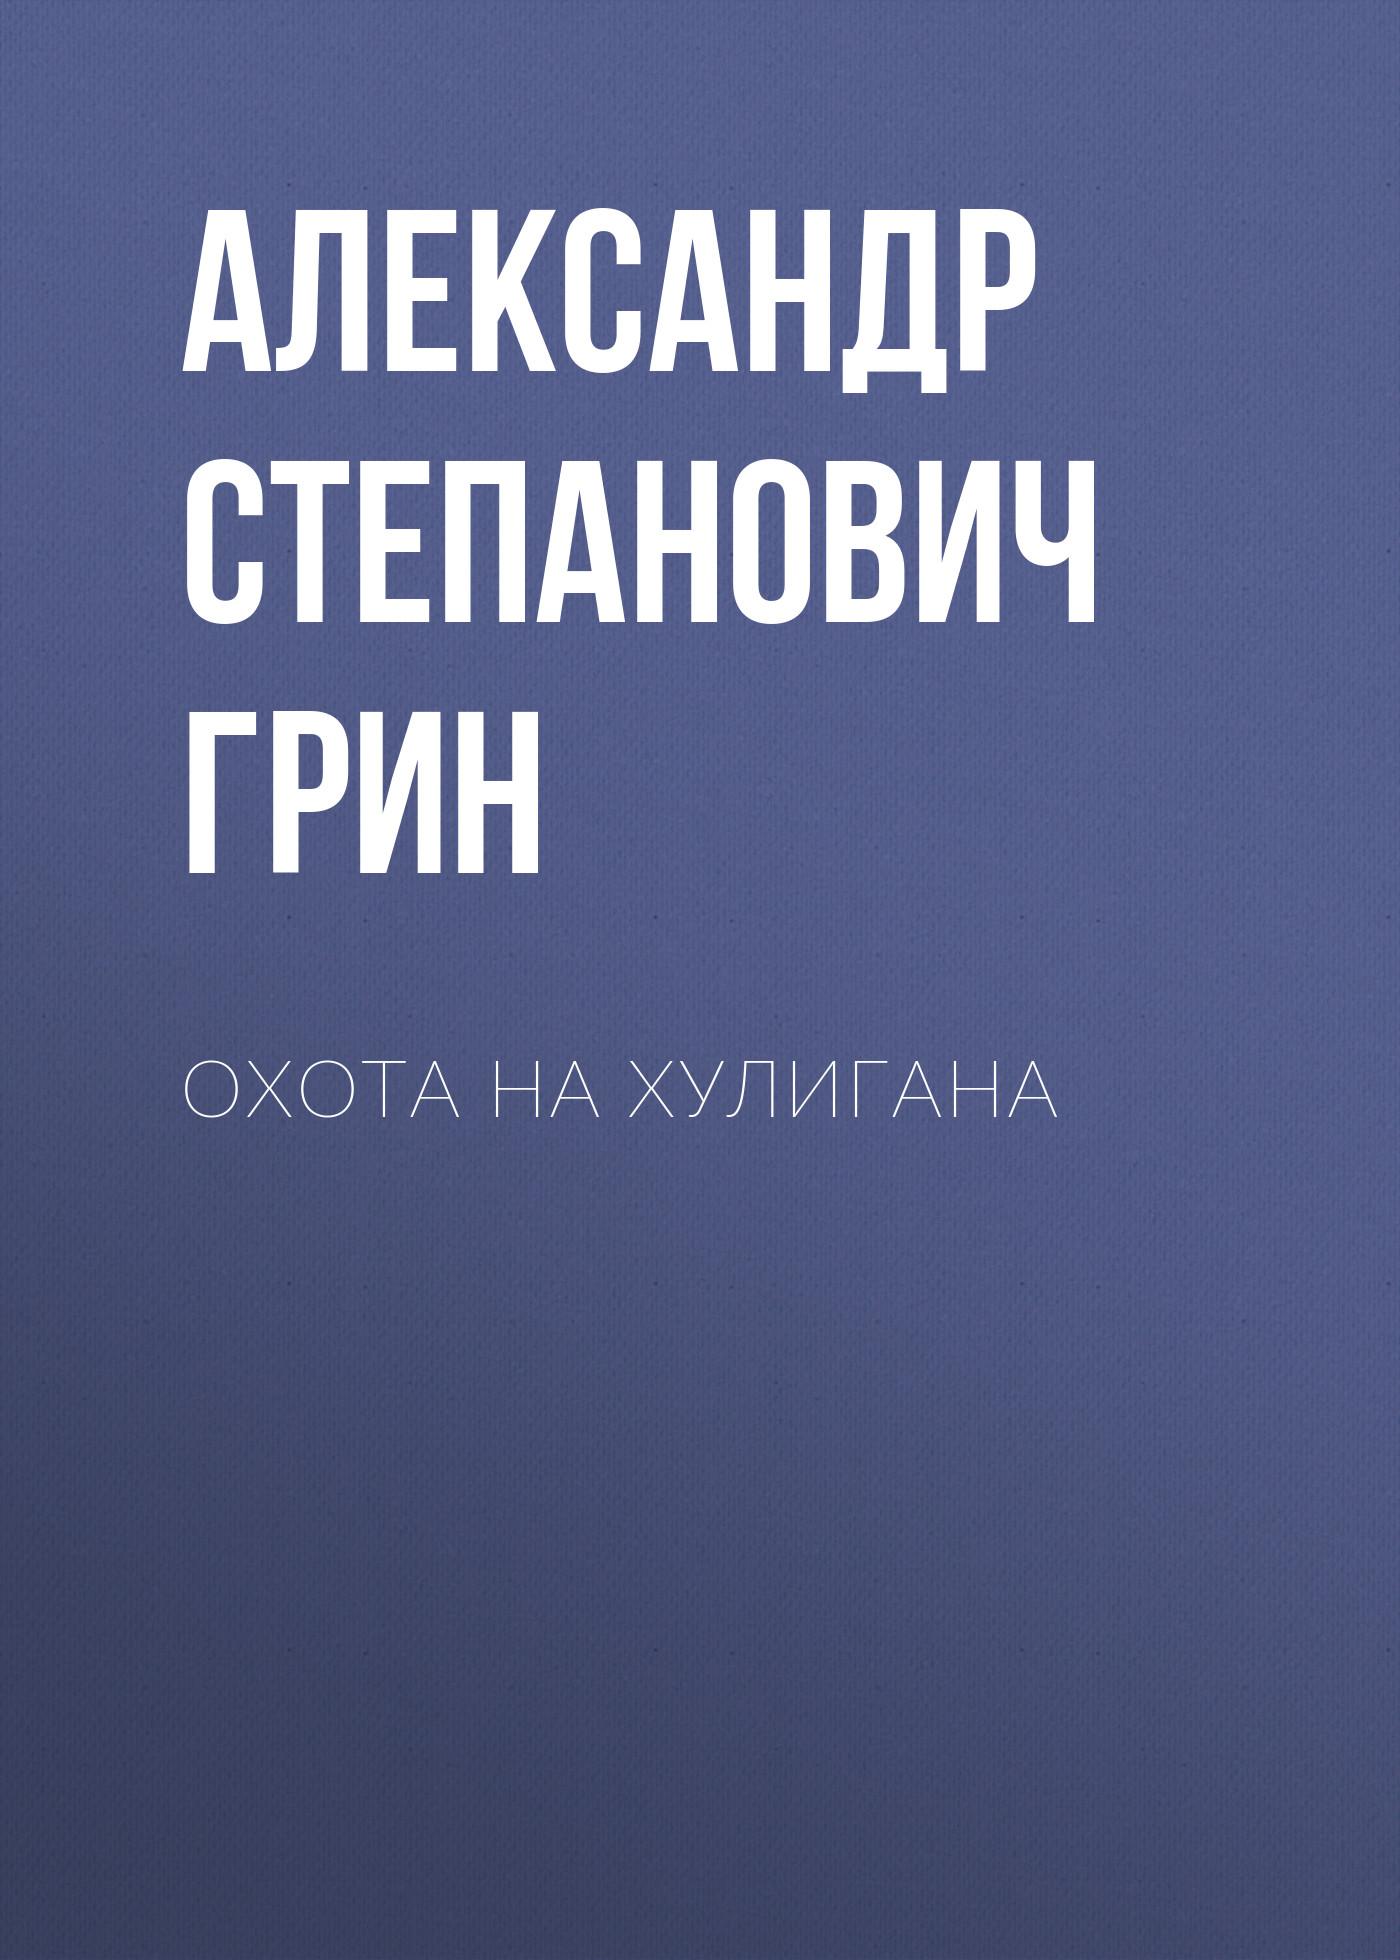 купить Александр Грин Охота на хулигана по цене 59 рублей